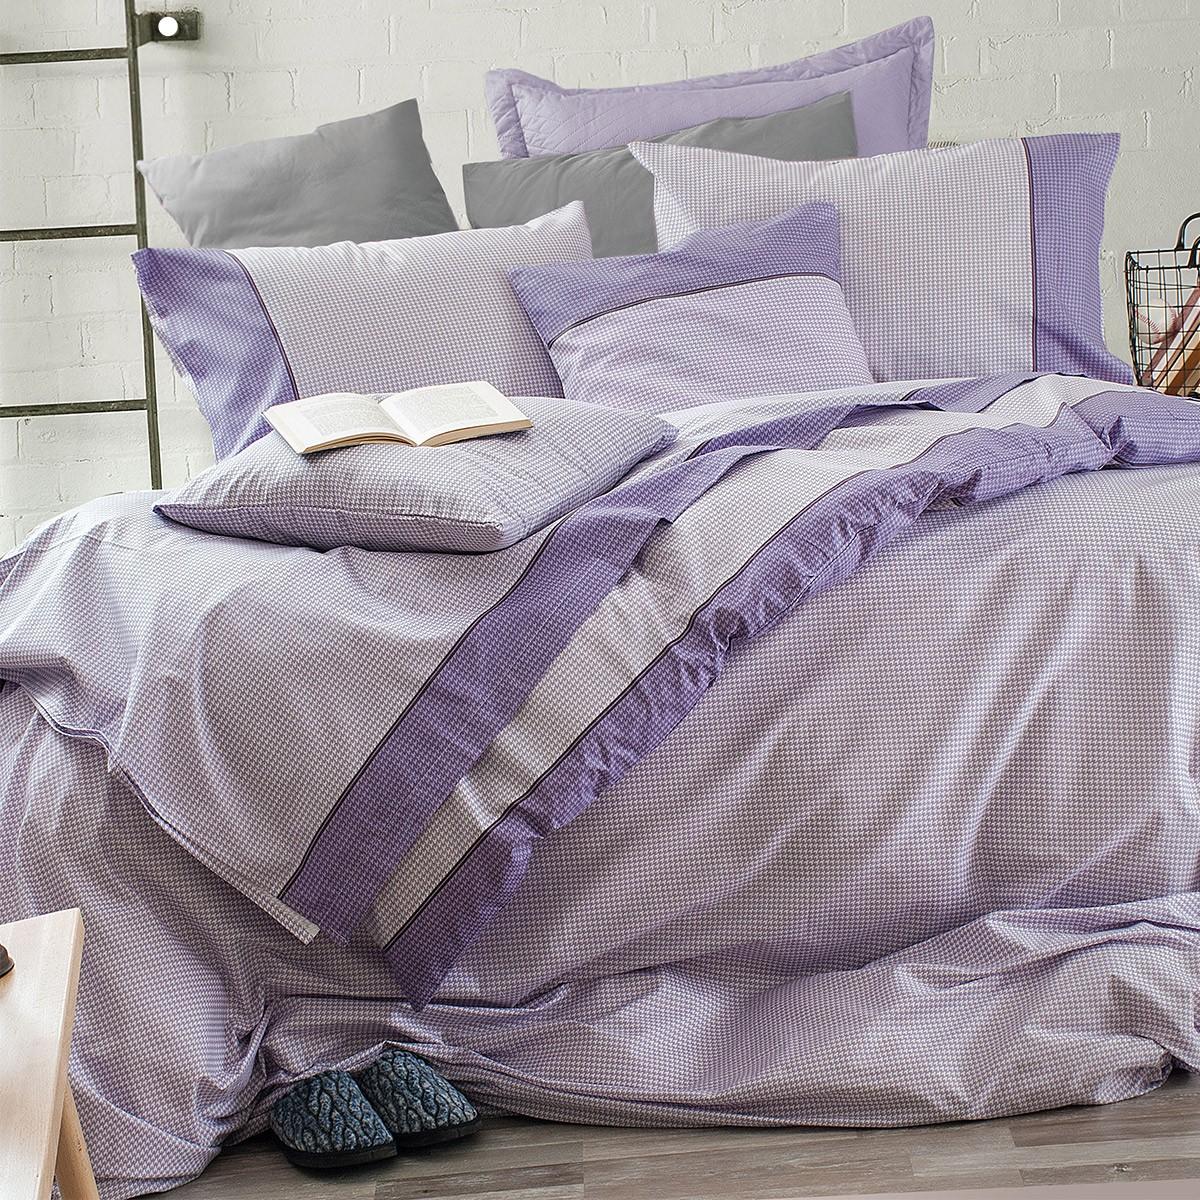 Σεντόνια Μονά (Σετ) Rythmos Next More Purple ΧΩΡΙΣ ΛΑΣΤΙΧΟ 160×260 ΧΩΡΙΣ ΛΑΣΤΙΧΟ 160×260